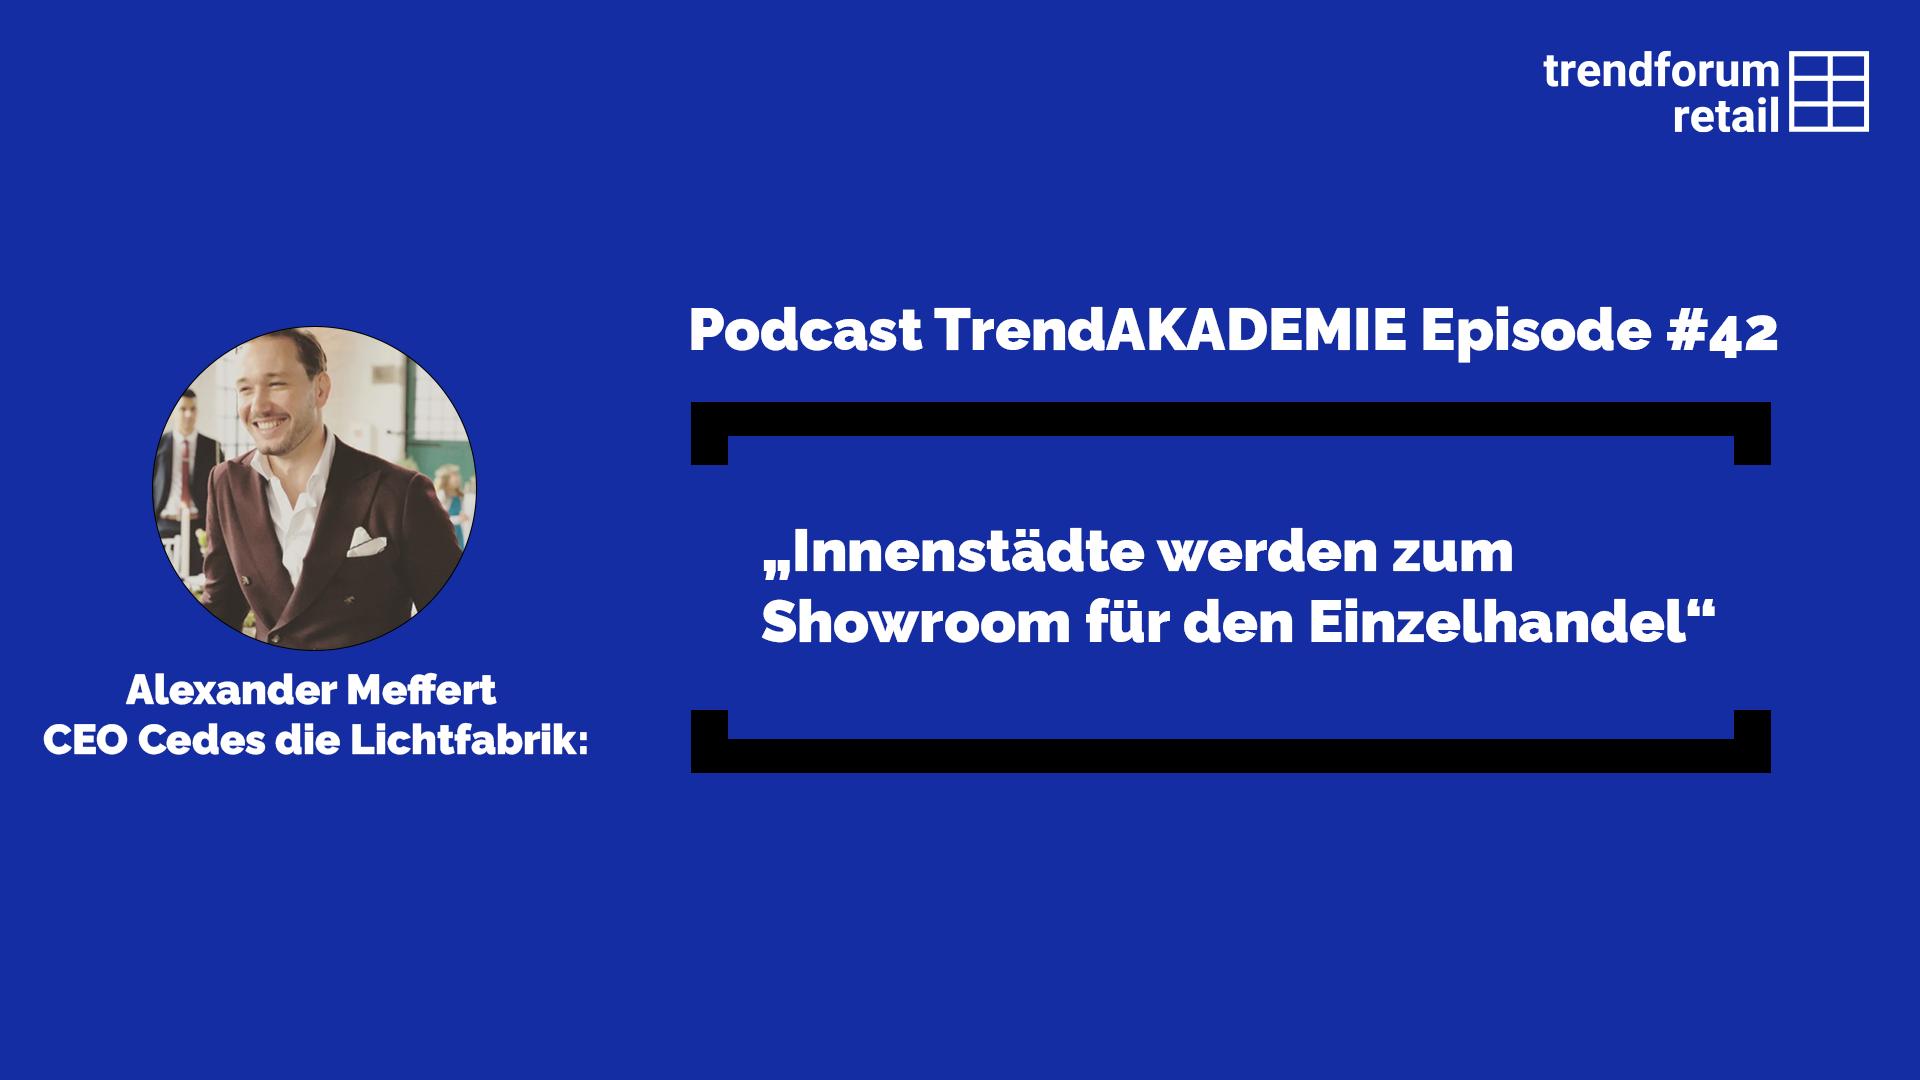 """Podcast TrendAKADEMIE - Episode 42: """"Innenstädte werden zum Showroom für den Einzelhandel"""